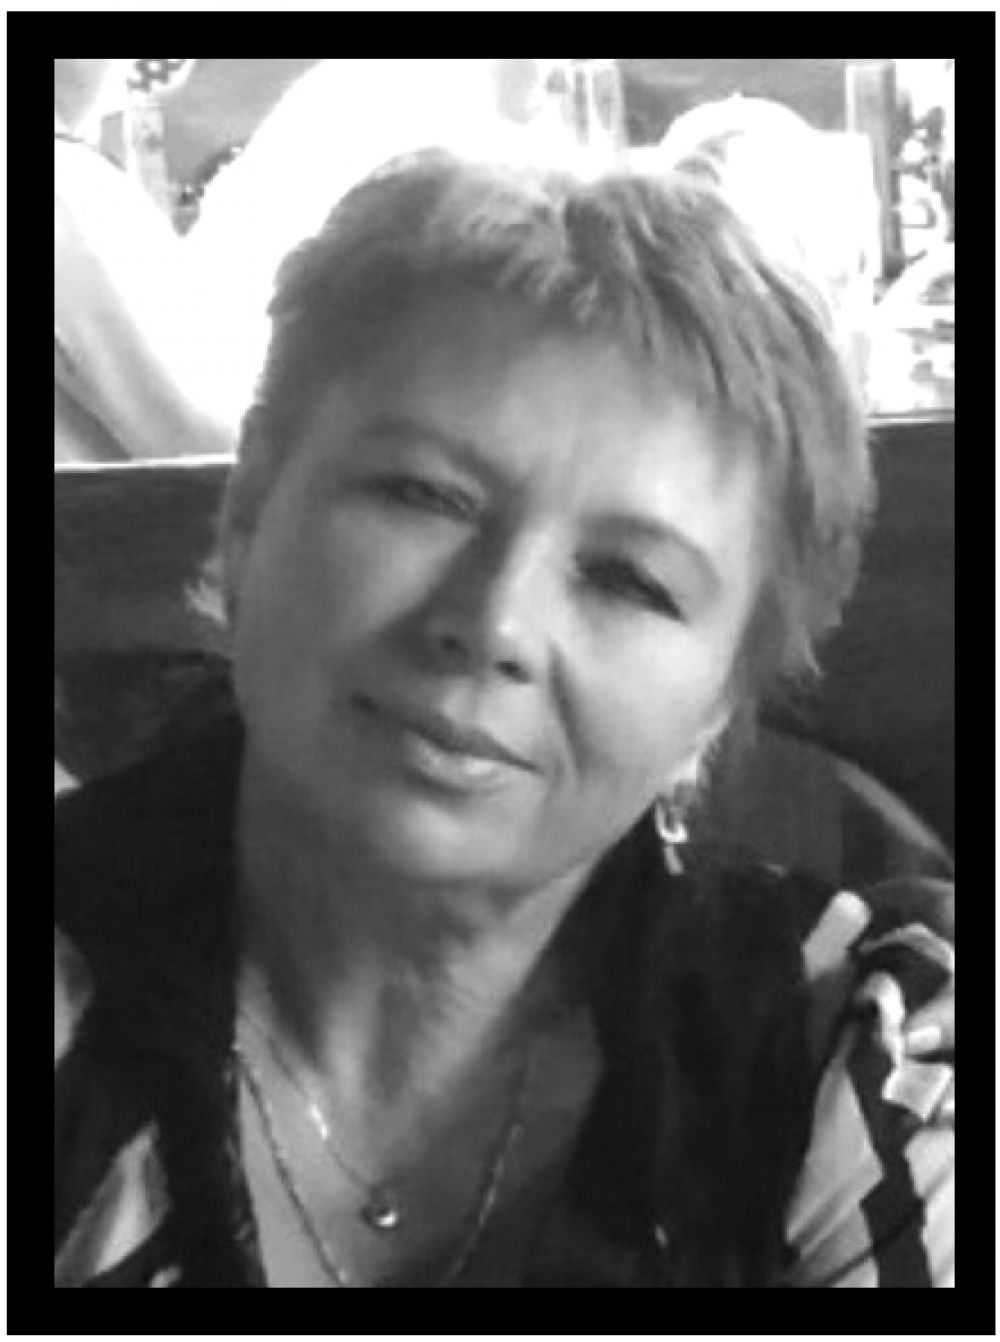 Трагически погибла замдиректора Карадагского заповедника Наталия Литвин